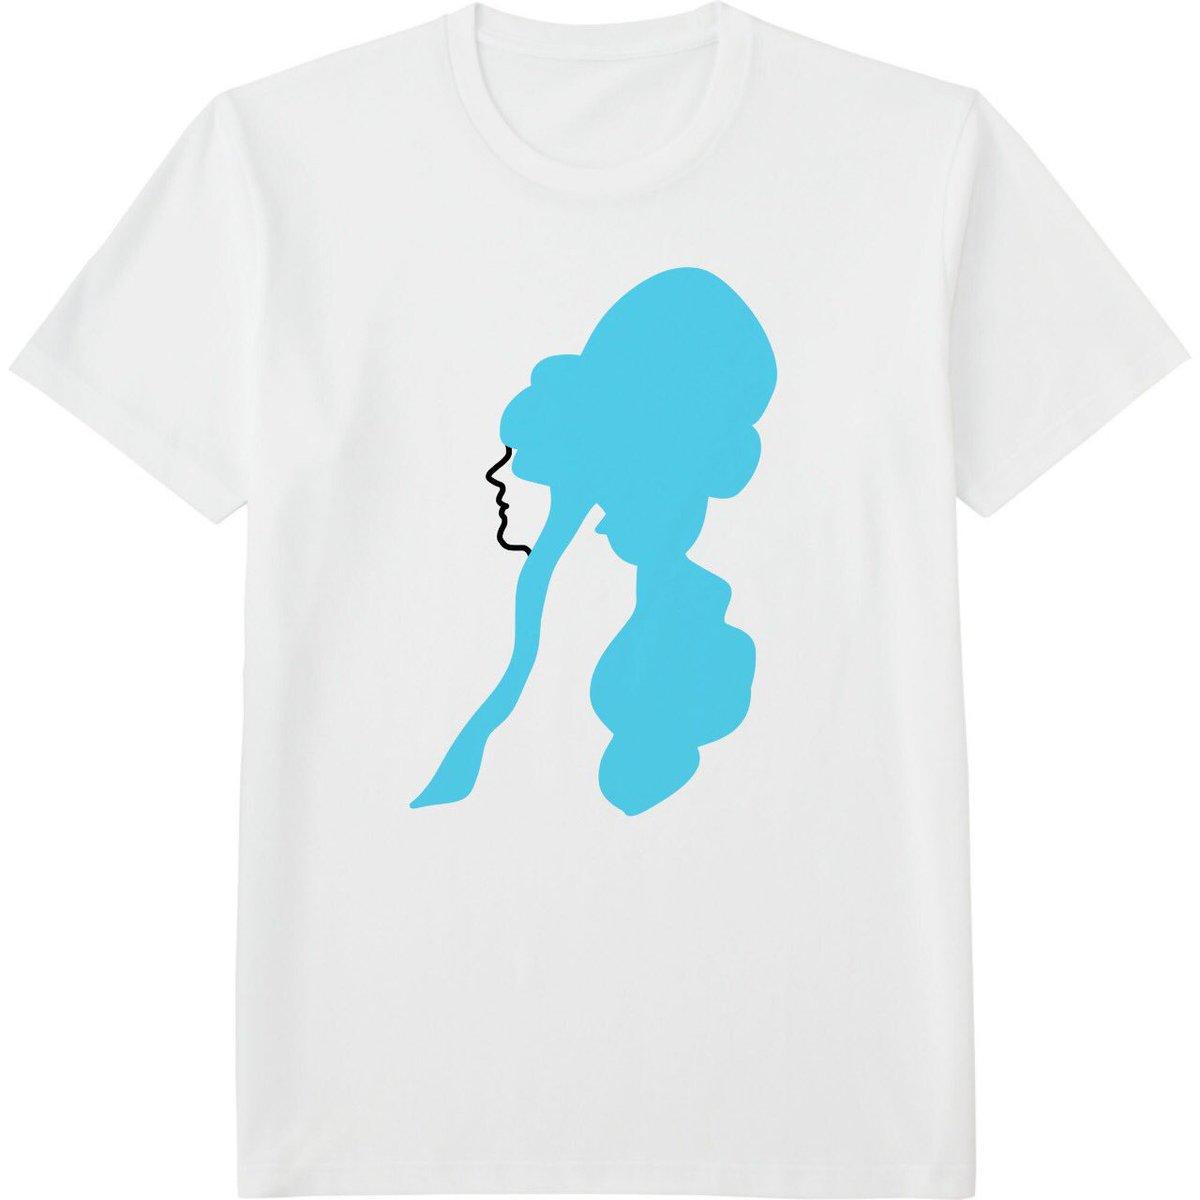 あっちに。 #art #drawing #illustration #イラスト #服 #samenose #高知 #Tシャツ #tshirt #ユニクロ #UNIQLO #design #デザイン #UTme! #japan #디자인 #お洒落 #ออกแบบ #apparel #дизайн #disegno #ontwerp #衣装 #Diseño #hair #graphicdesign #ファッション #fashion https://utme.uniqlo.com/jp/front/mkt/show?id=230209&locale=j…